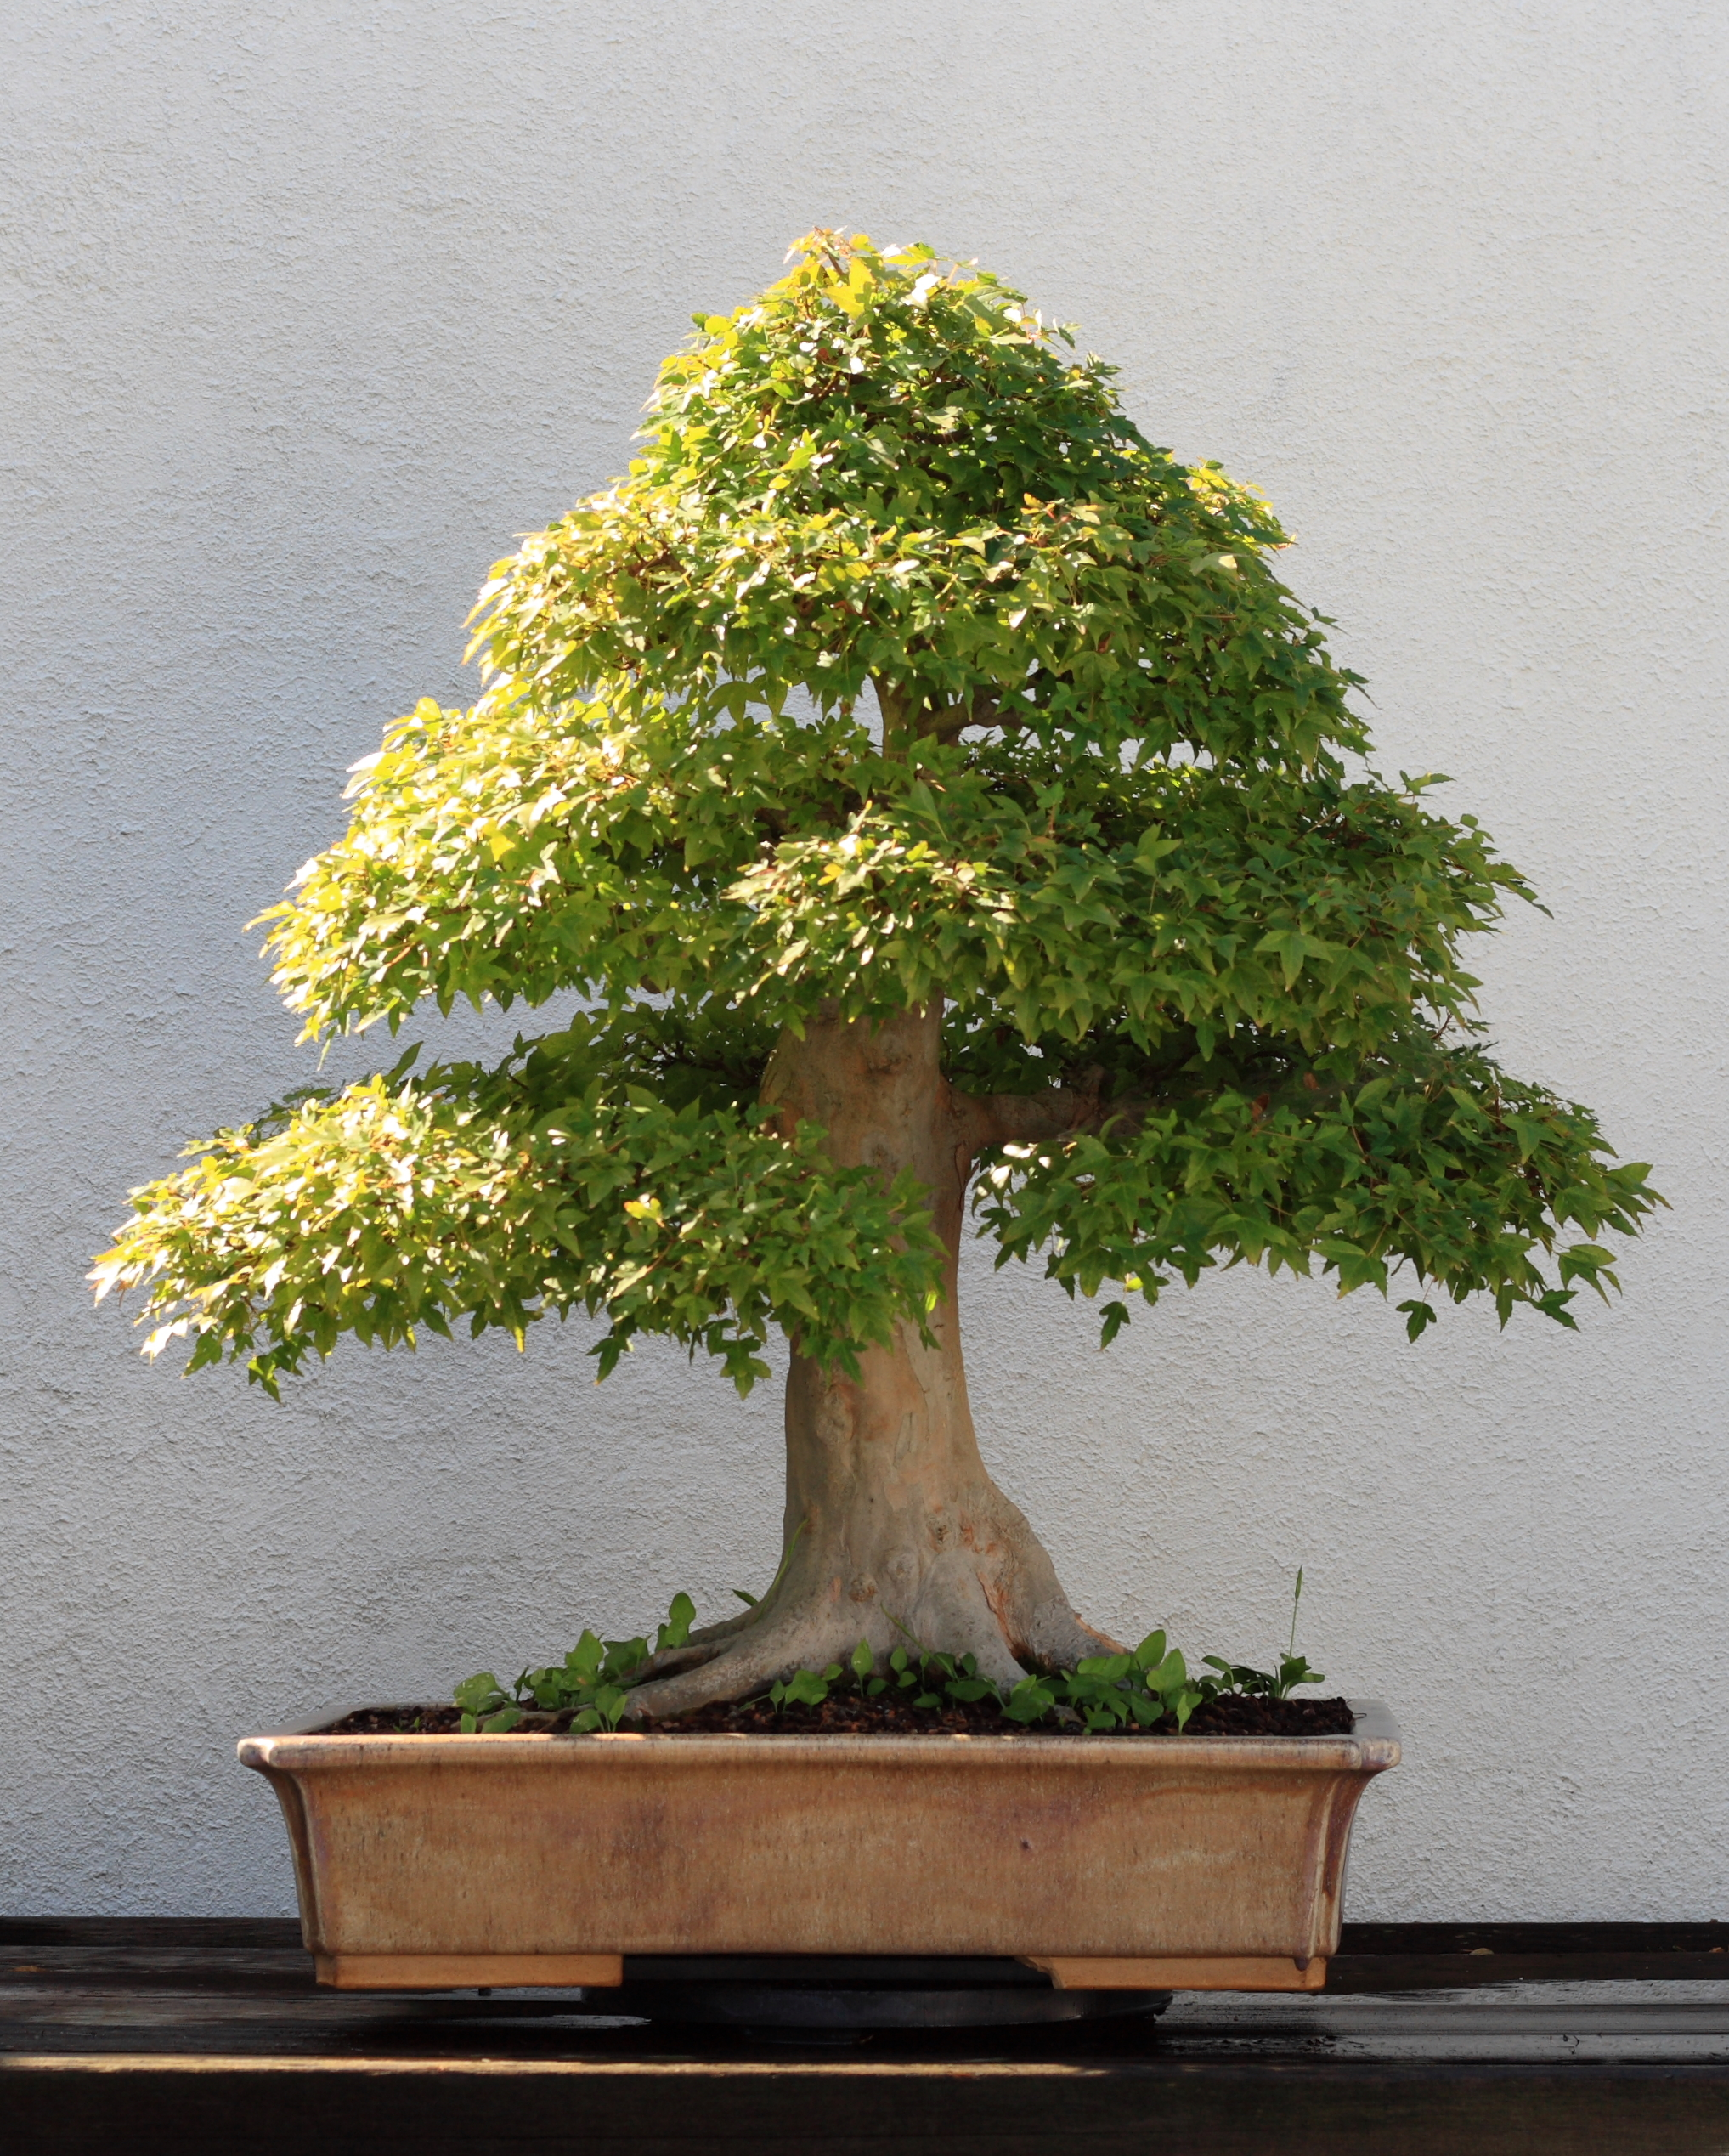 Live Bonsai TreeUgg Stovle